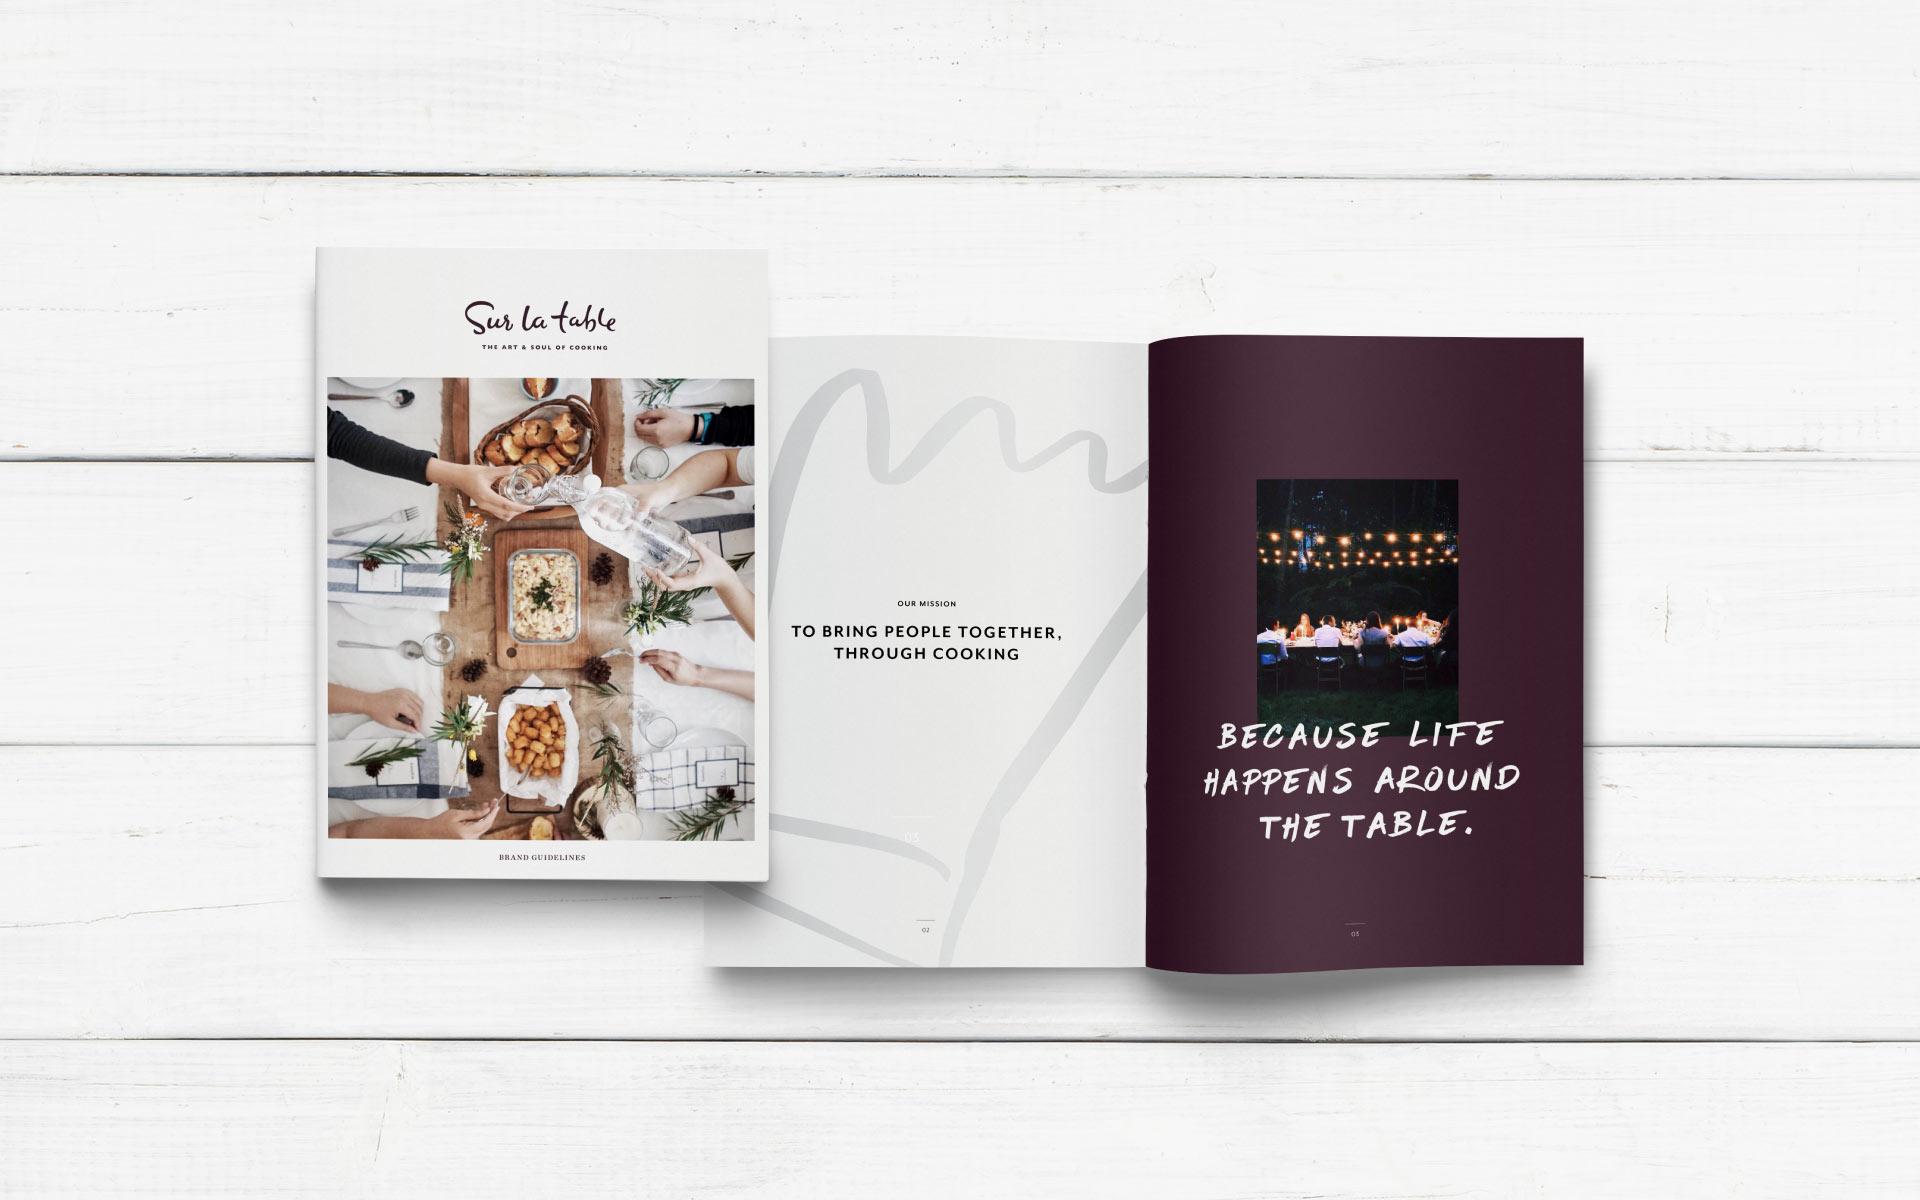 Creative_Retail_Packaging_Branding_Design_Sur_La_Table_1_3.jpg